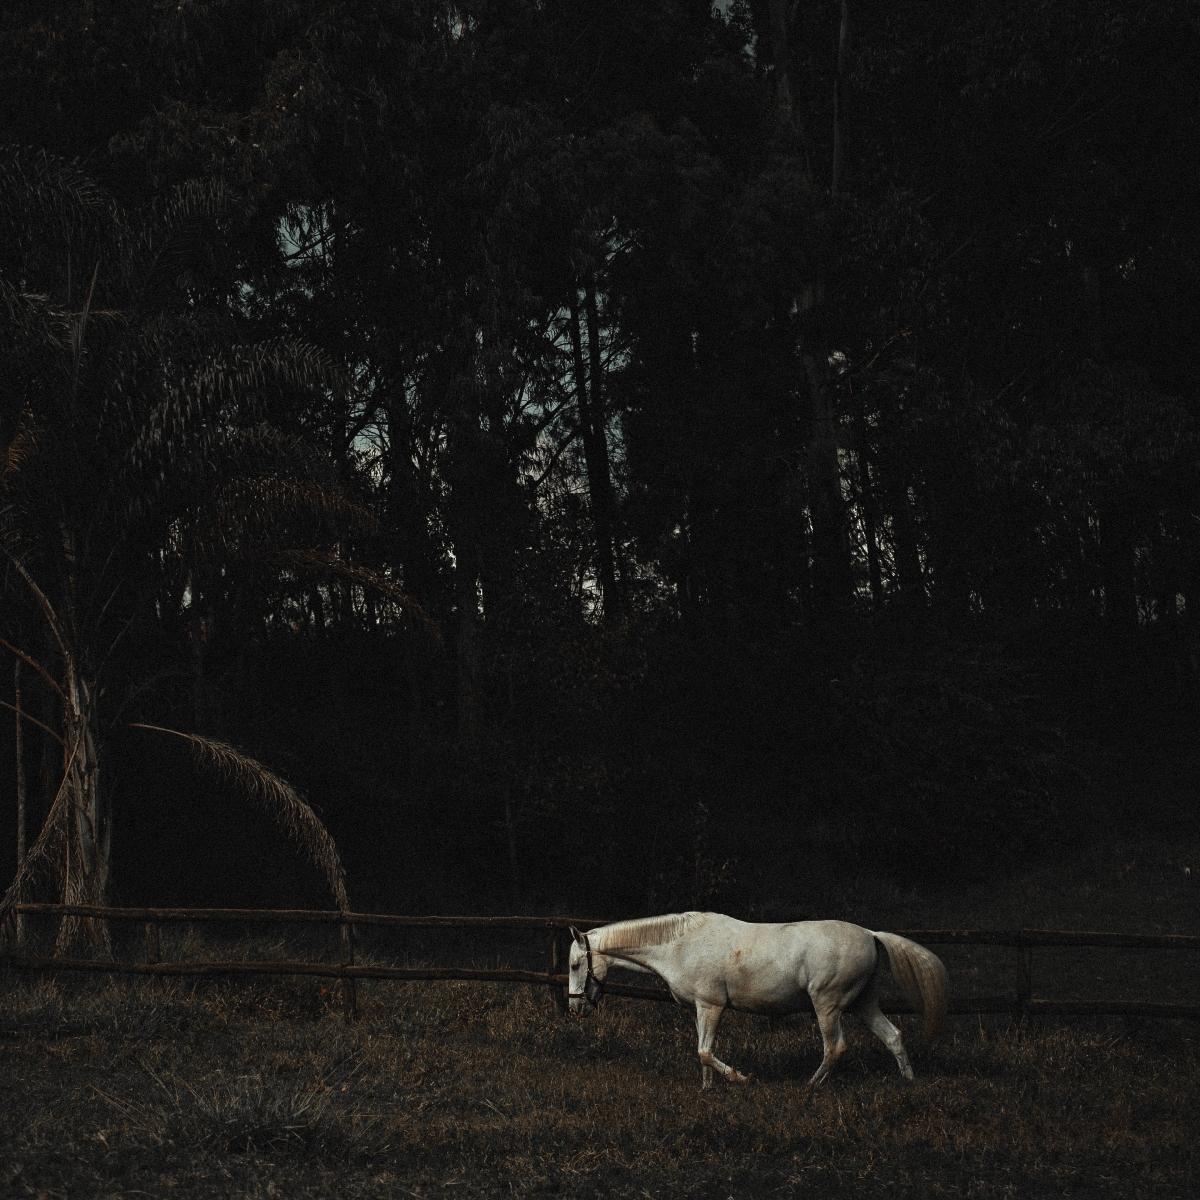 تصاویر نگارخانه متن نگار , تنهایی, طبیعت